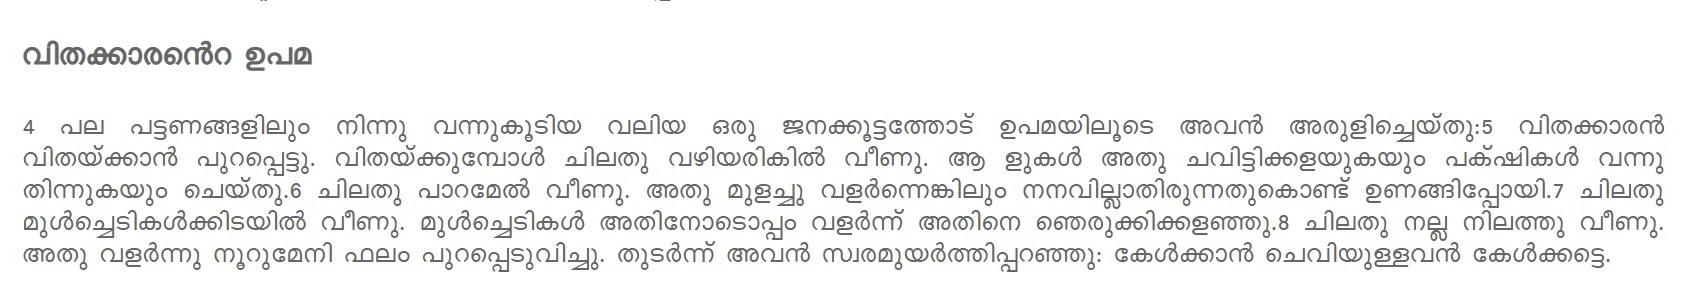 Luke 8, 4-8 POC Malayalam